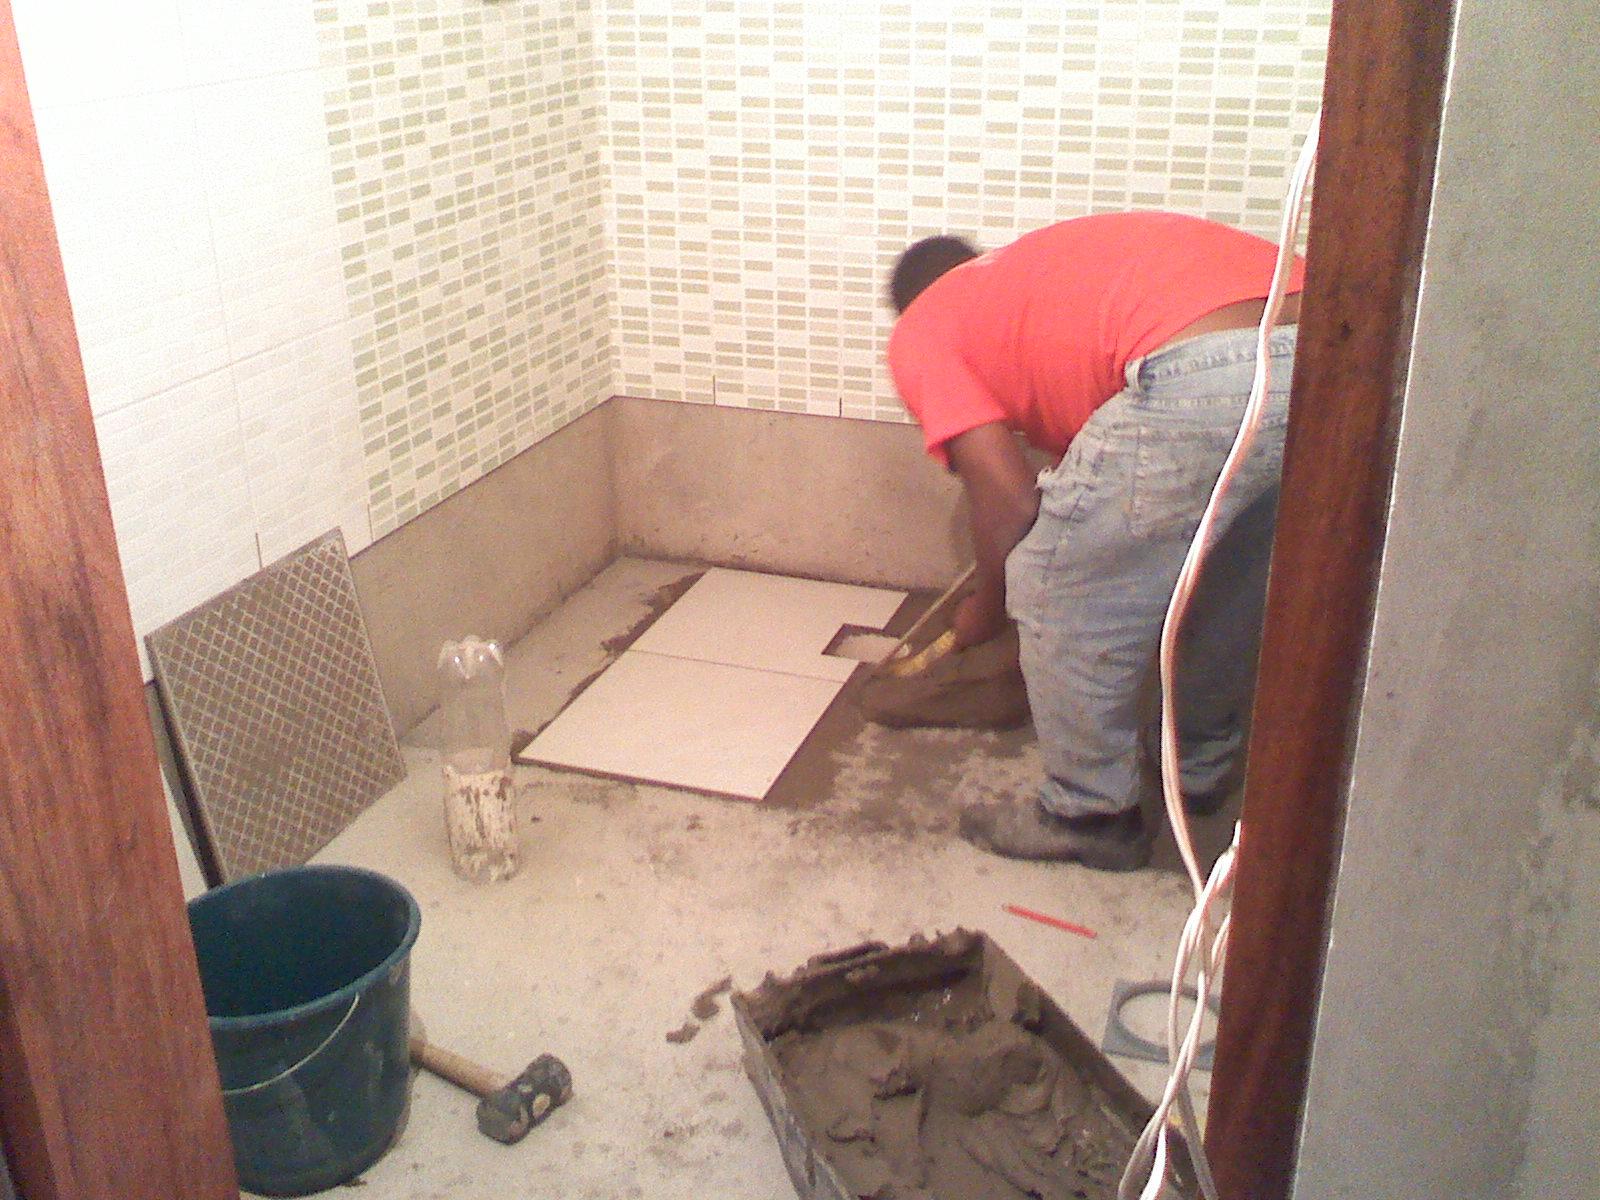 Como tudo começou Rejunte Rodapé e Porcelanato do Banheiro #B4171F 1600 1200